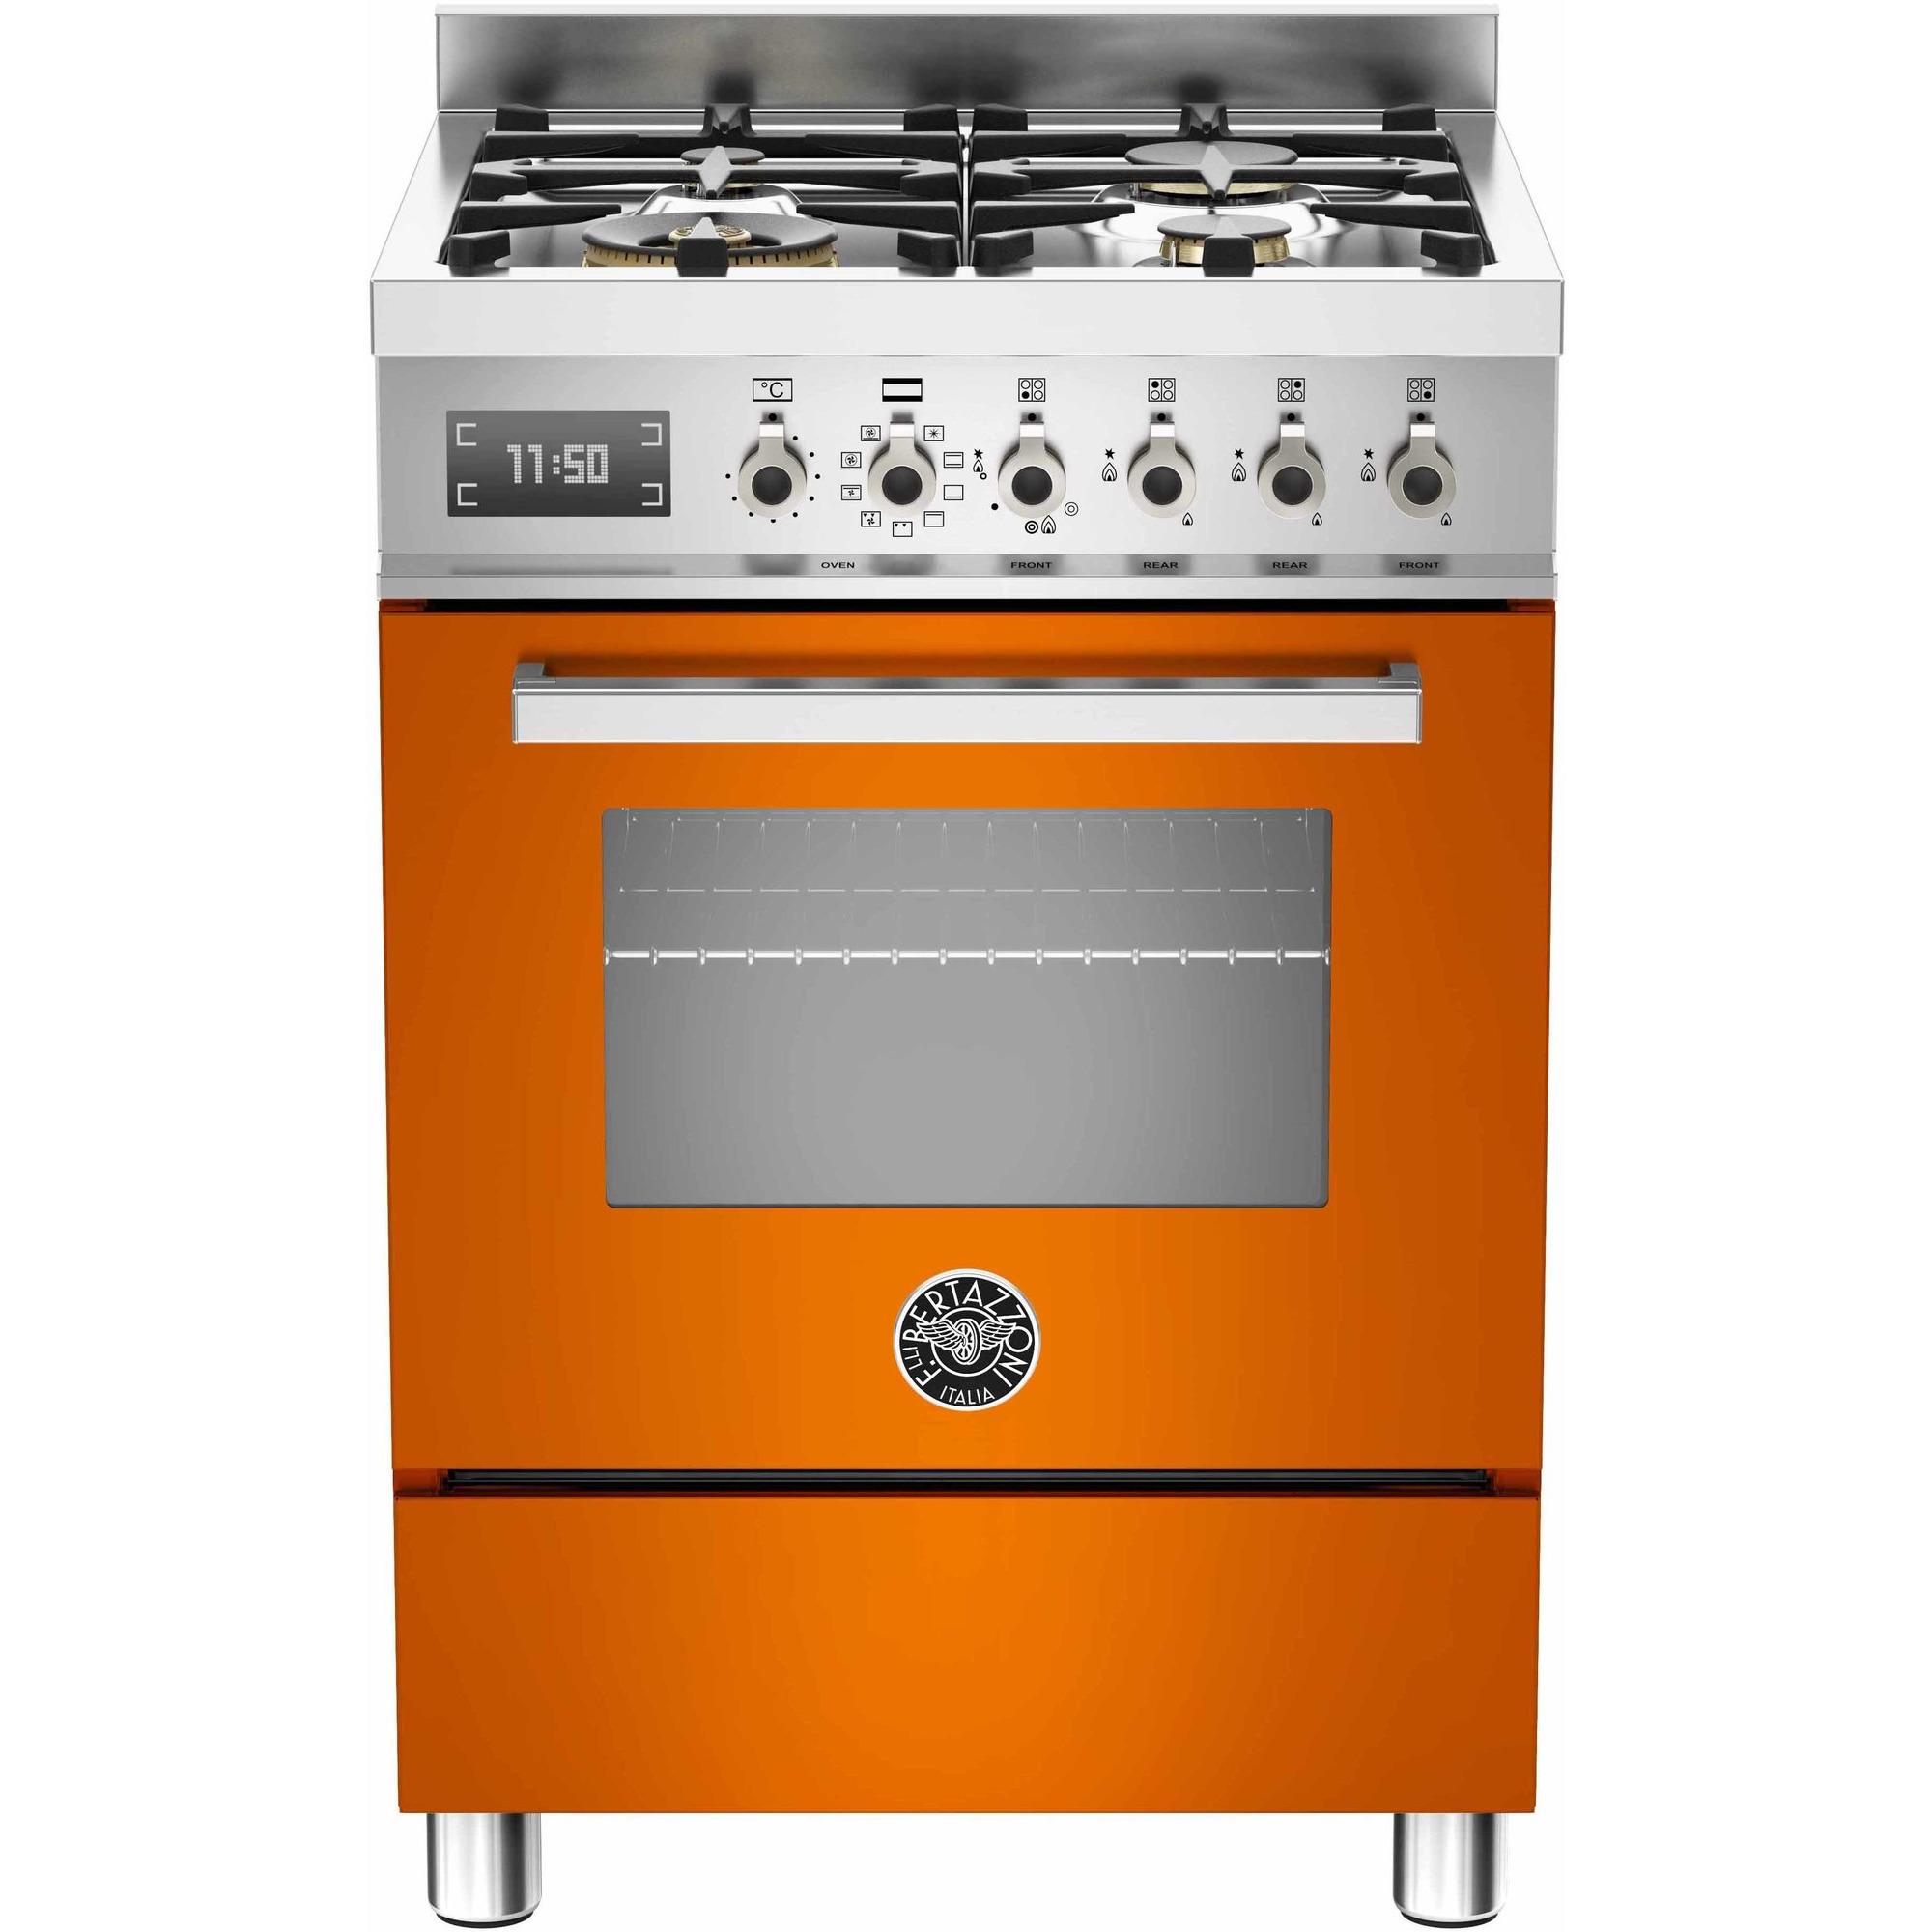 Bertazzoni PRO604 Gasspis 60 cm 1 ugn 4 brännare orange